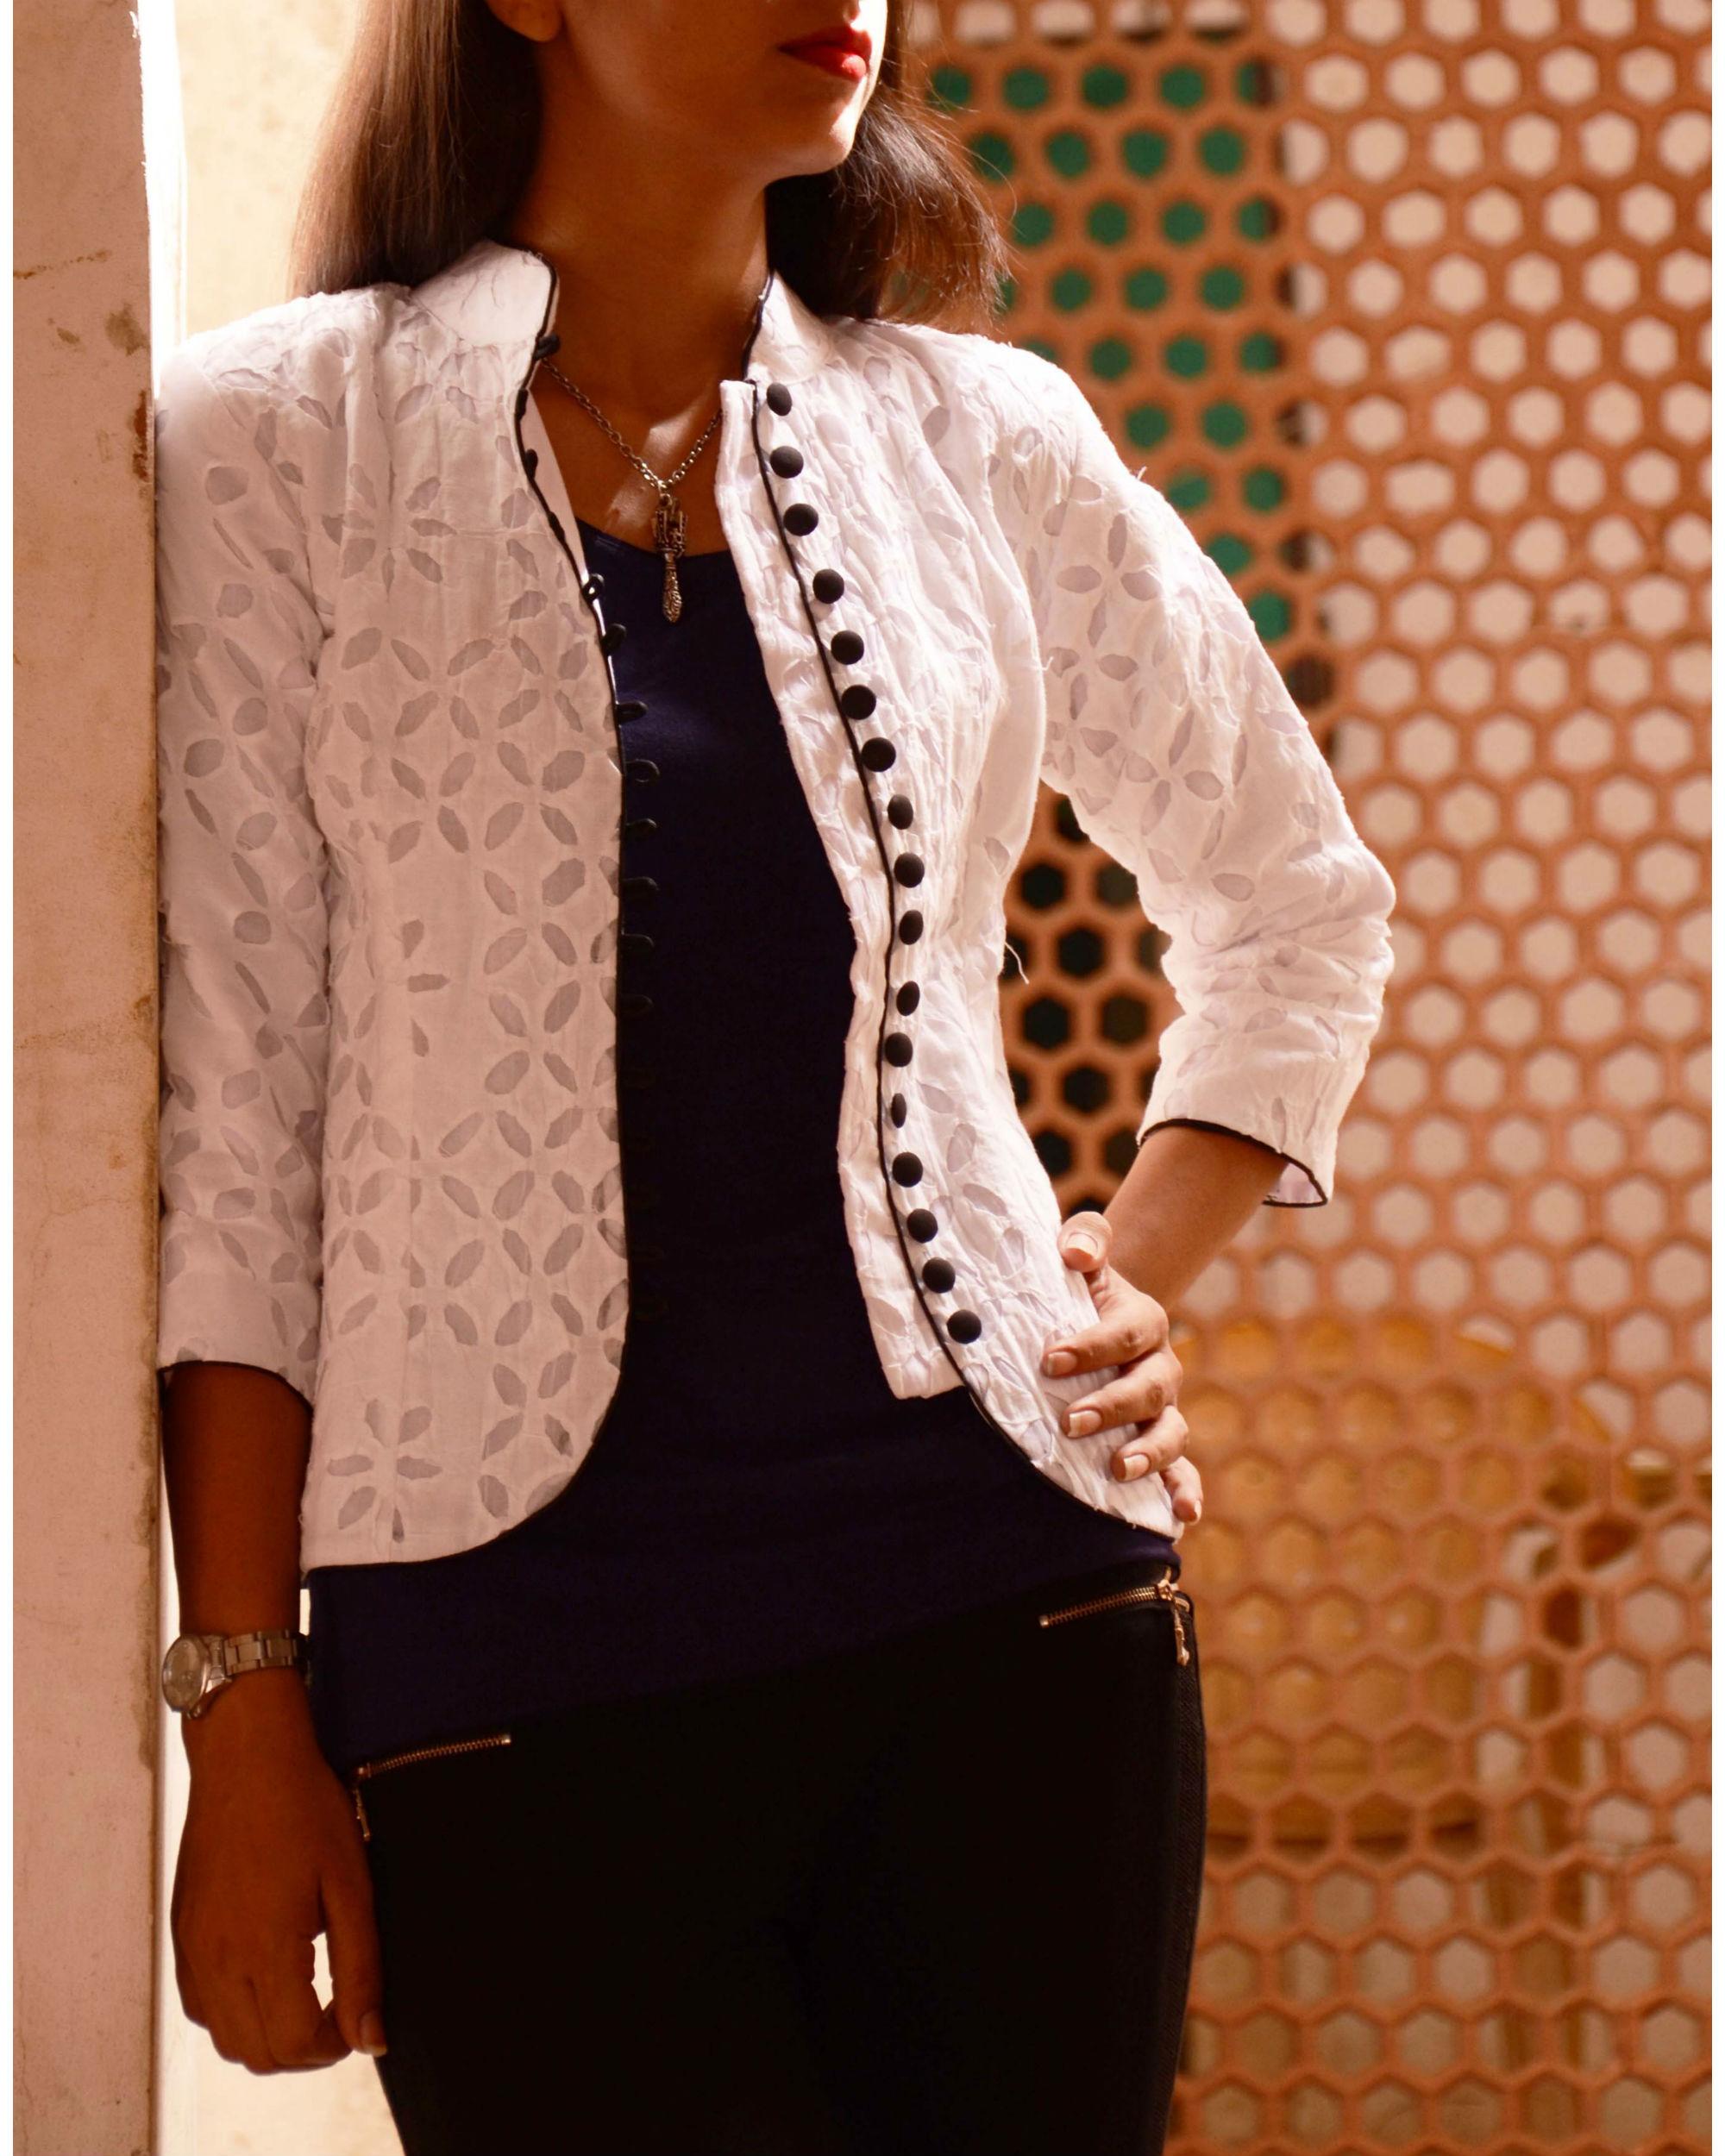 White applique jacket